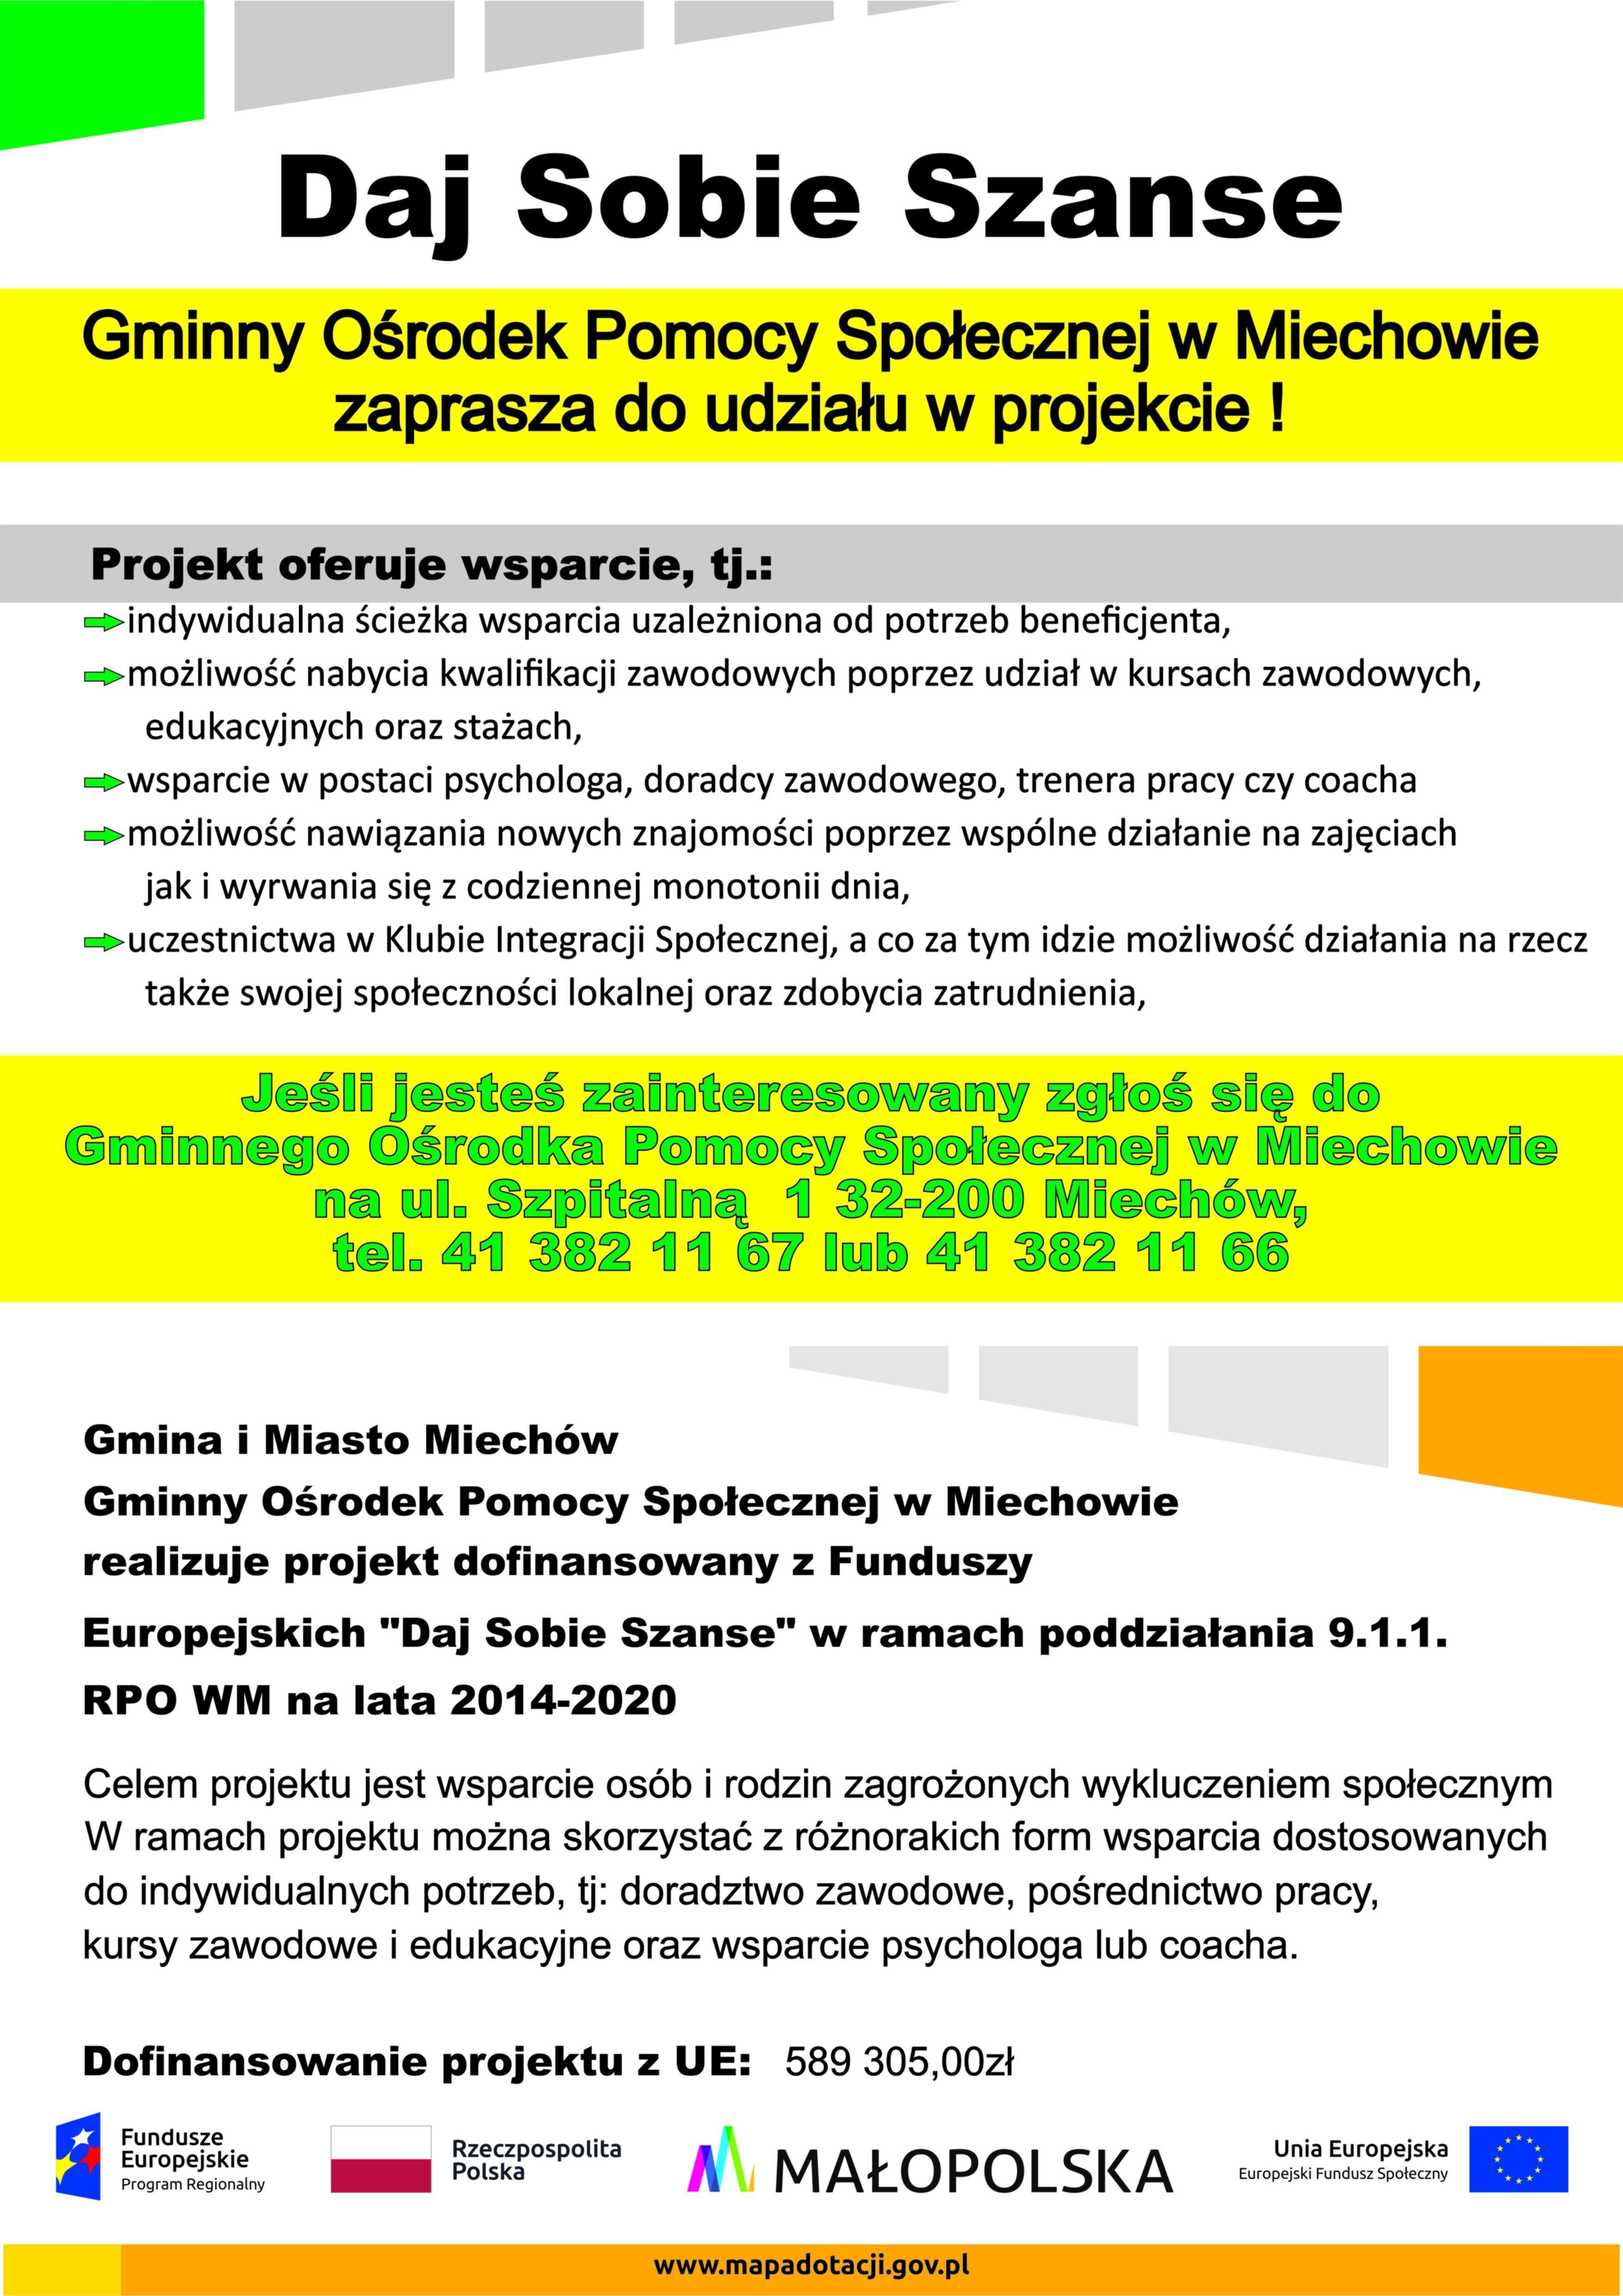 Daj sobie szanse. Gminny Ośrodek Pomocy Społecznej w Miechowie zaprasza do udziału w projekcie.